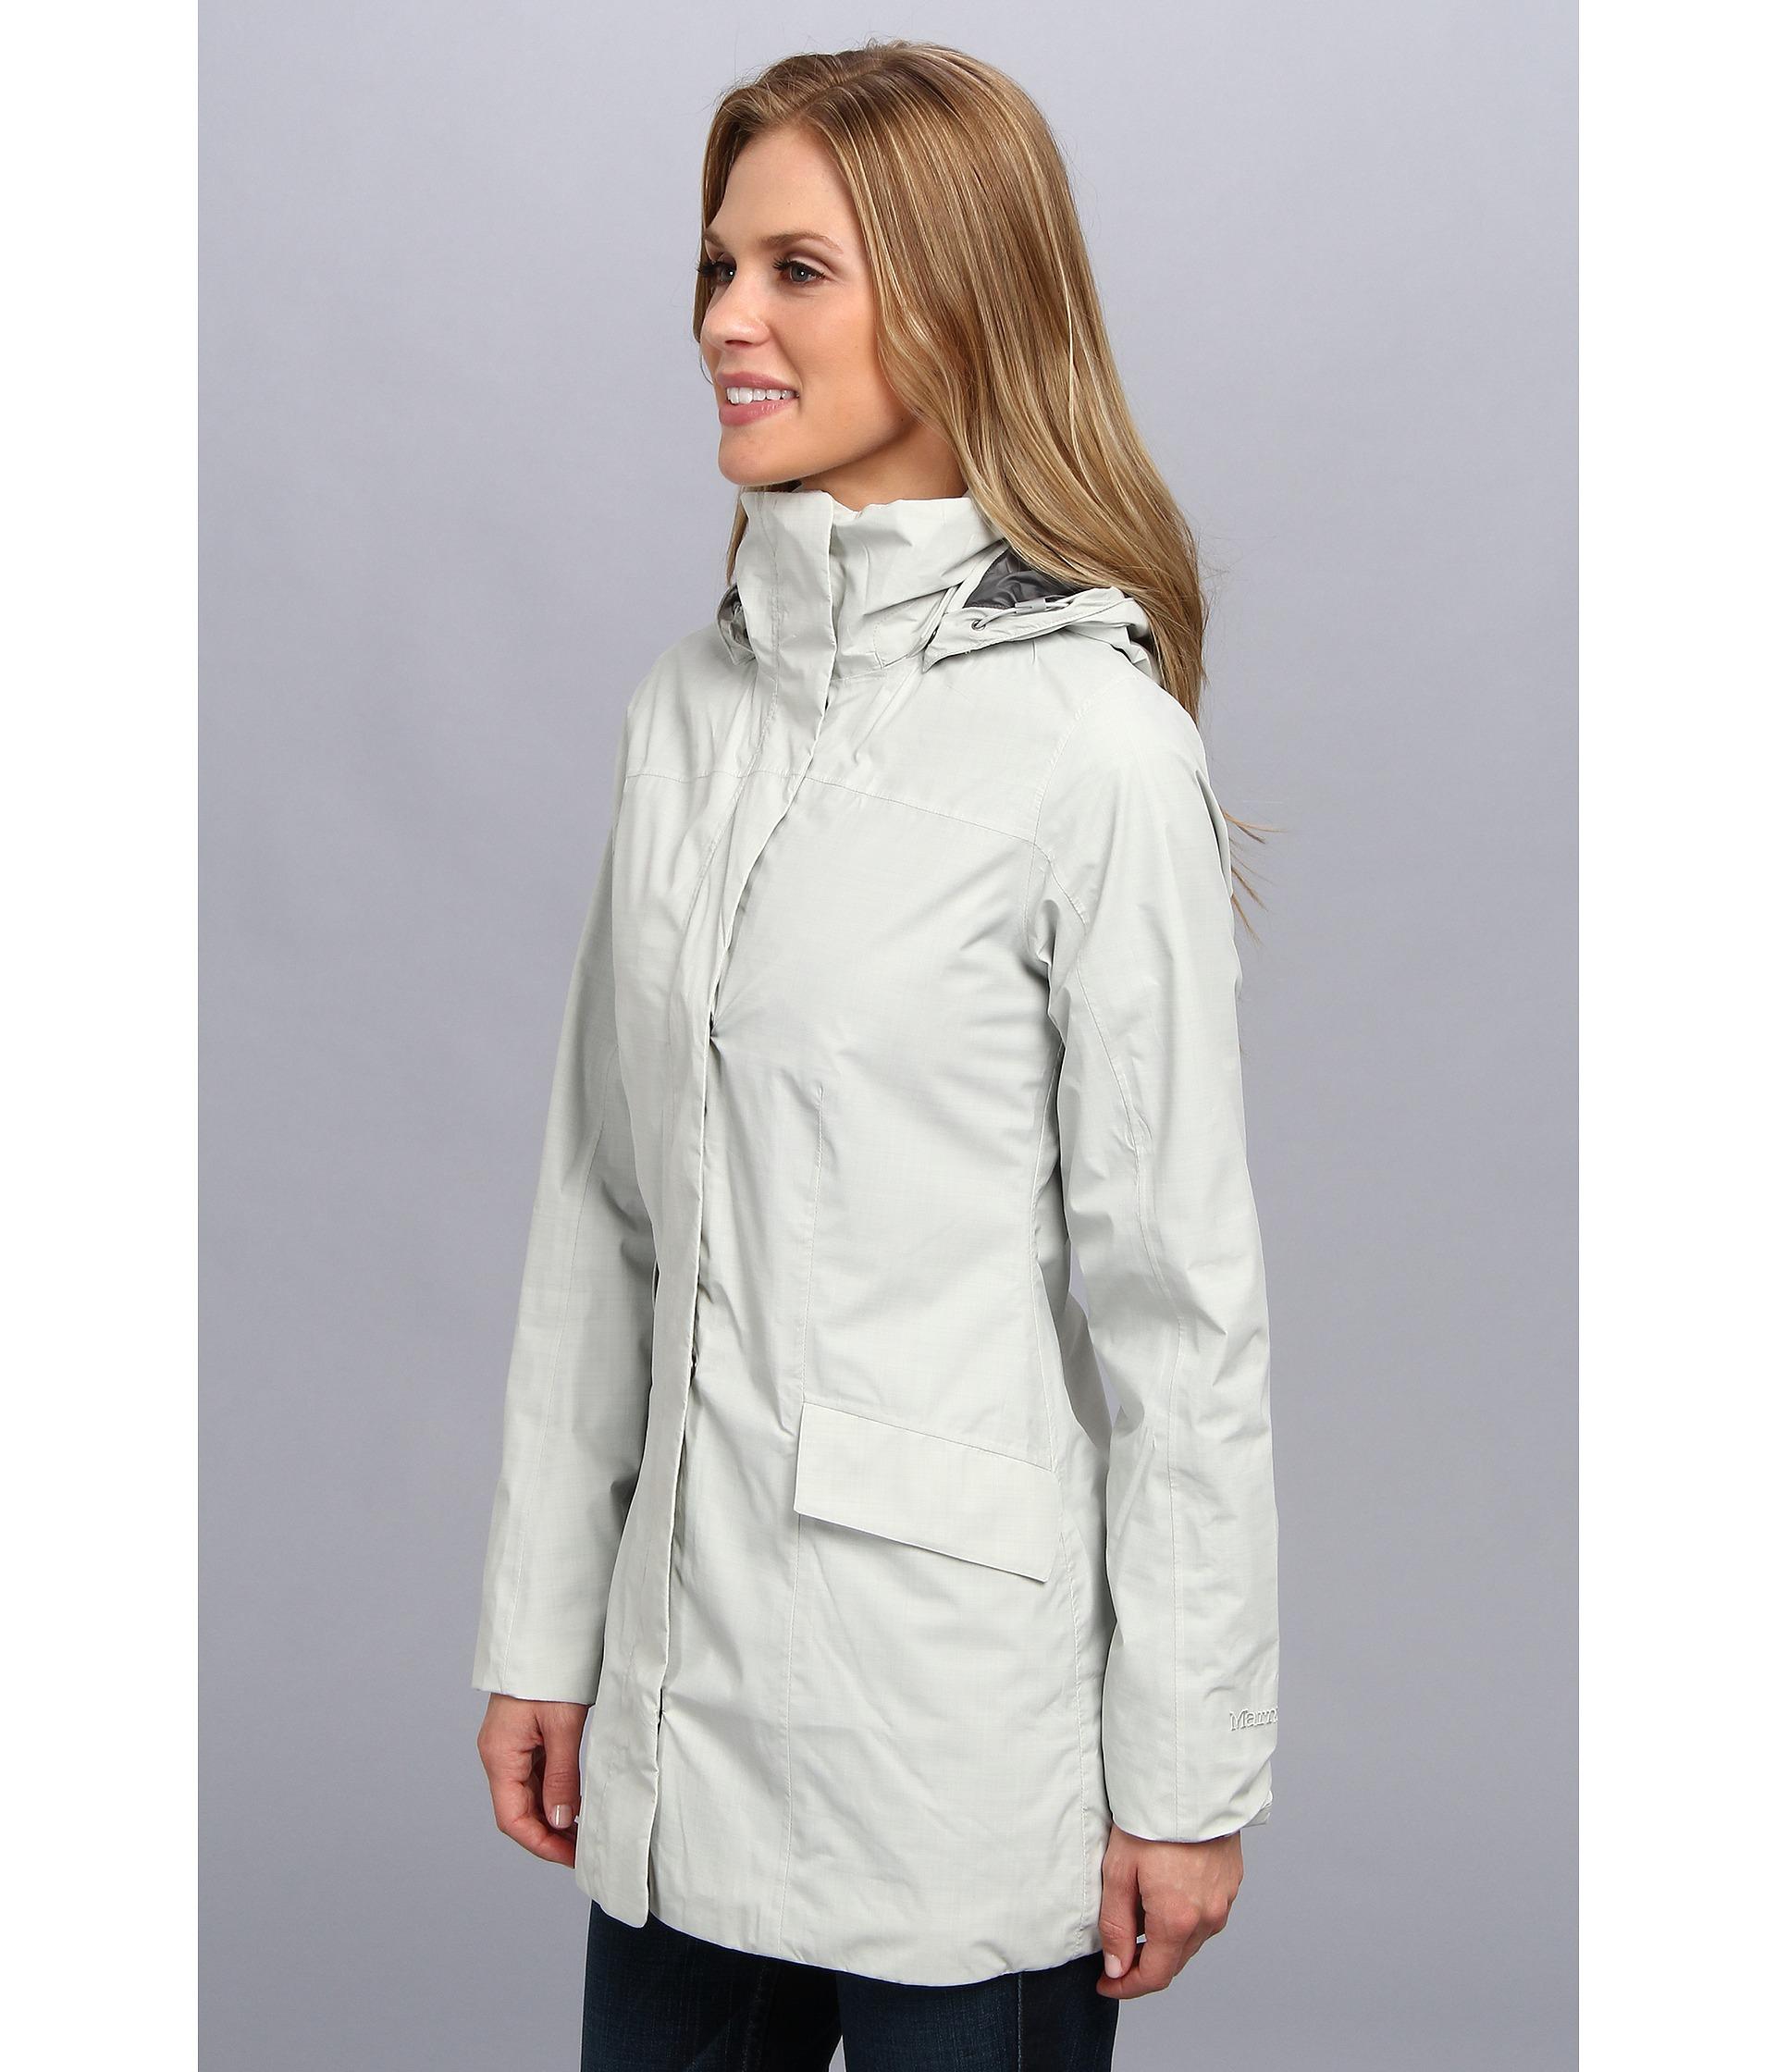 Marmot whitehall rain jacket women's